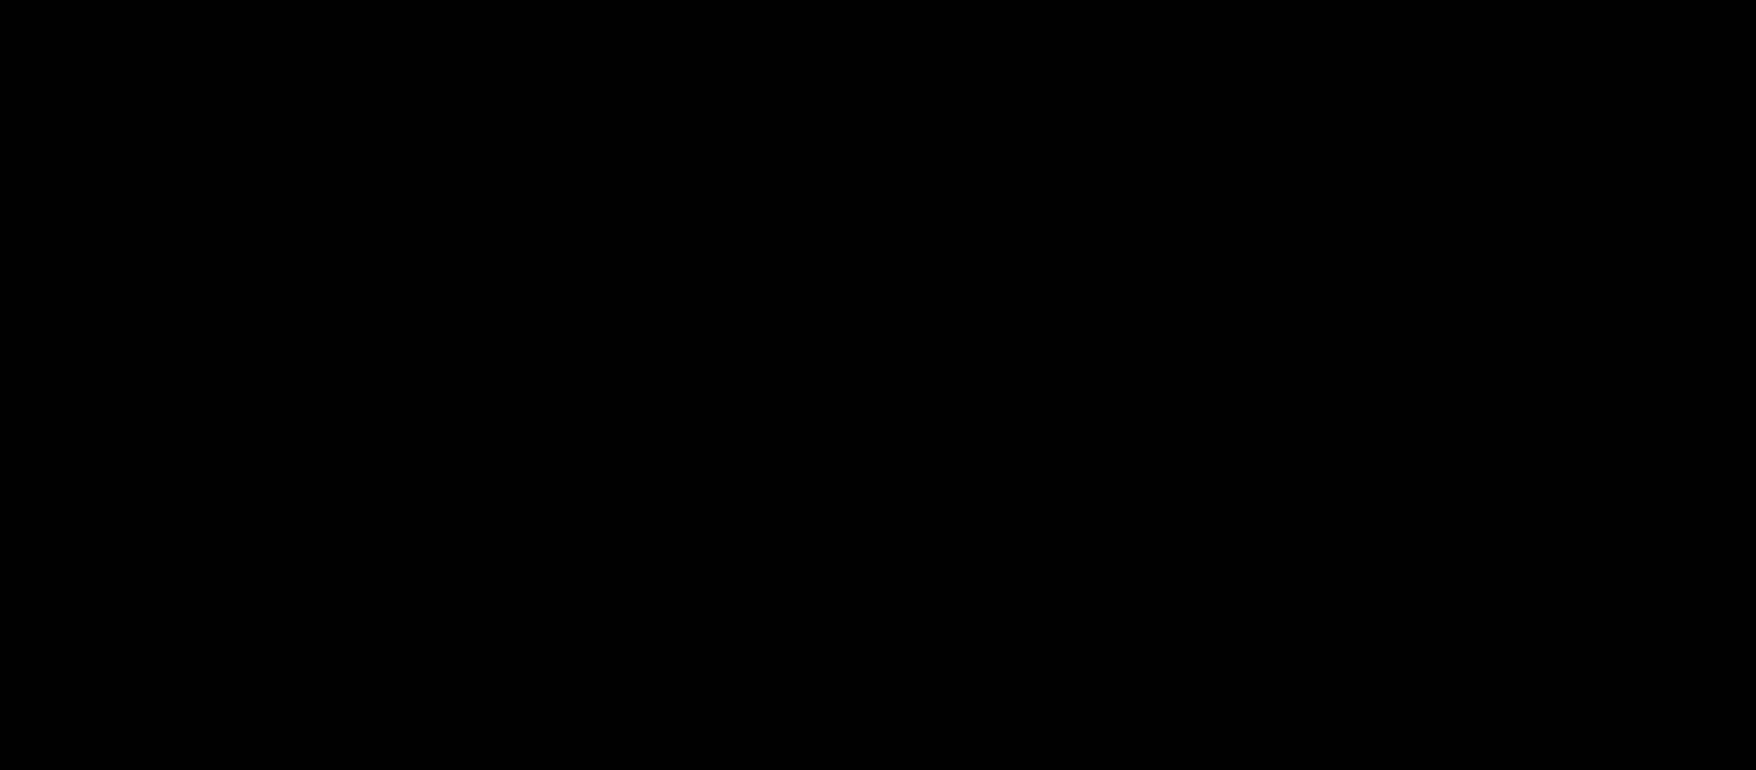 N-Caffeoyl-4,5-dimethoxyanthranilic acid